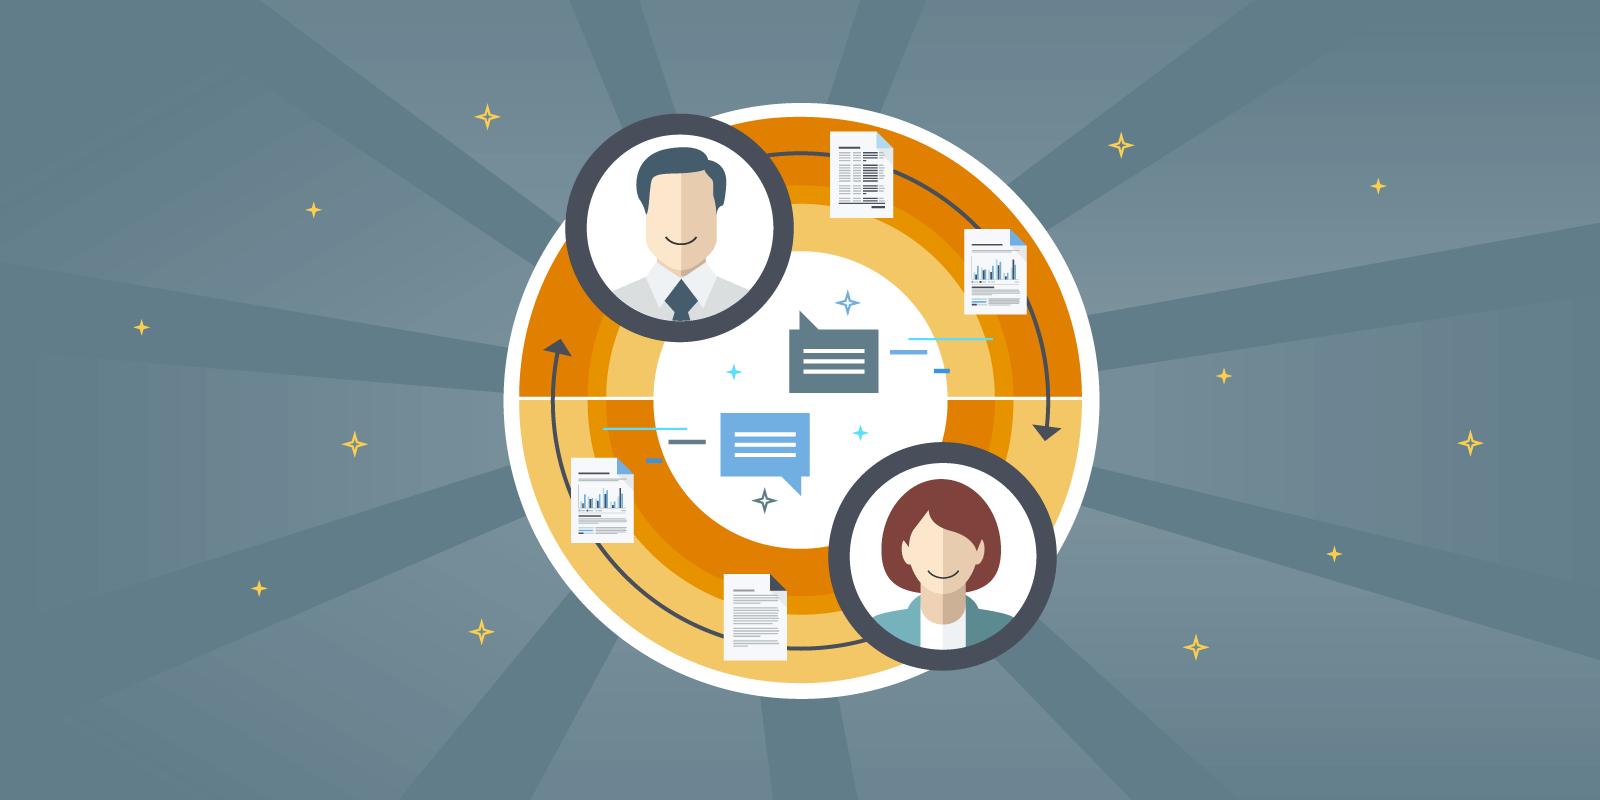 El dilema de los datos en las plataformas colaborativas: ¿Sincronizas o estás aún enviando?